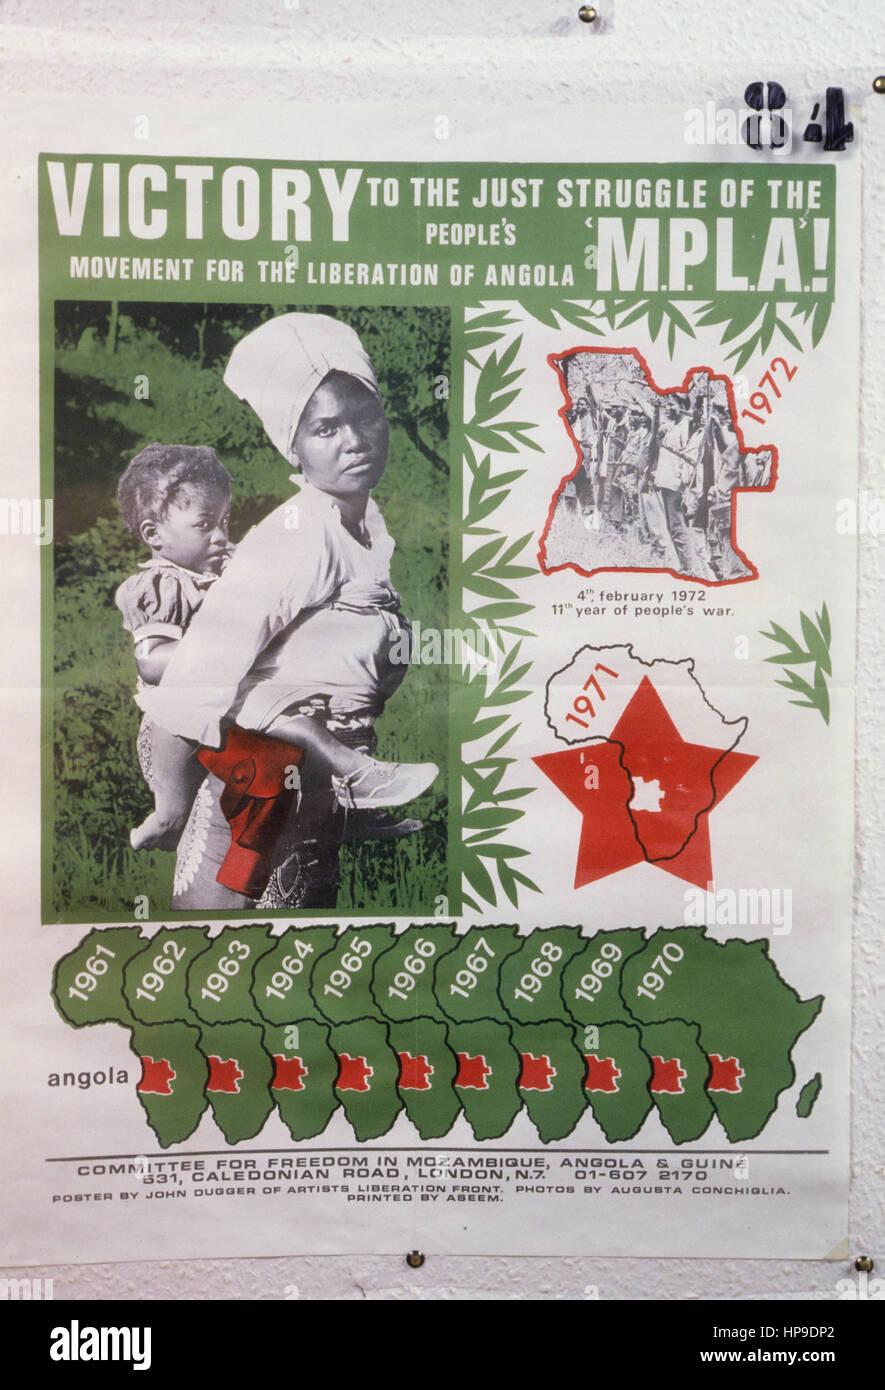 Mouvement populaire pour la libération de l'Angola - Parti du Travail,1972 Photo Stock